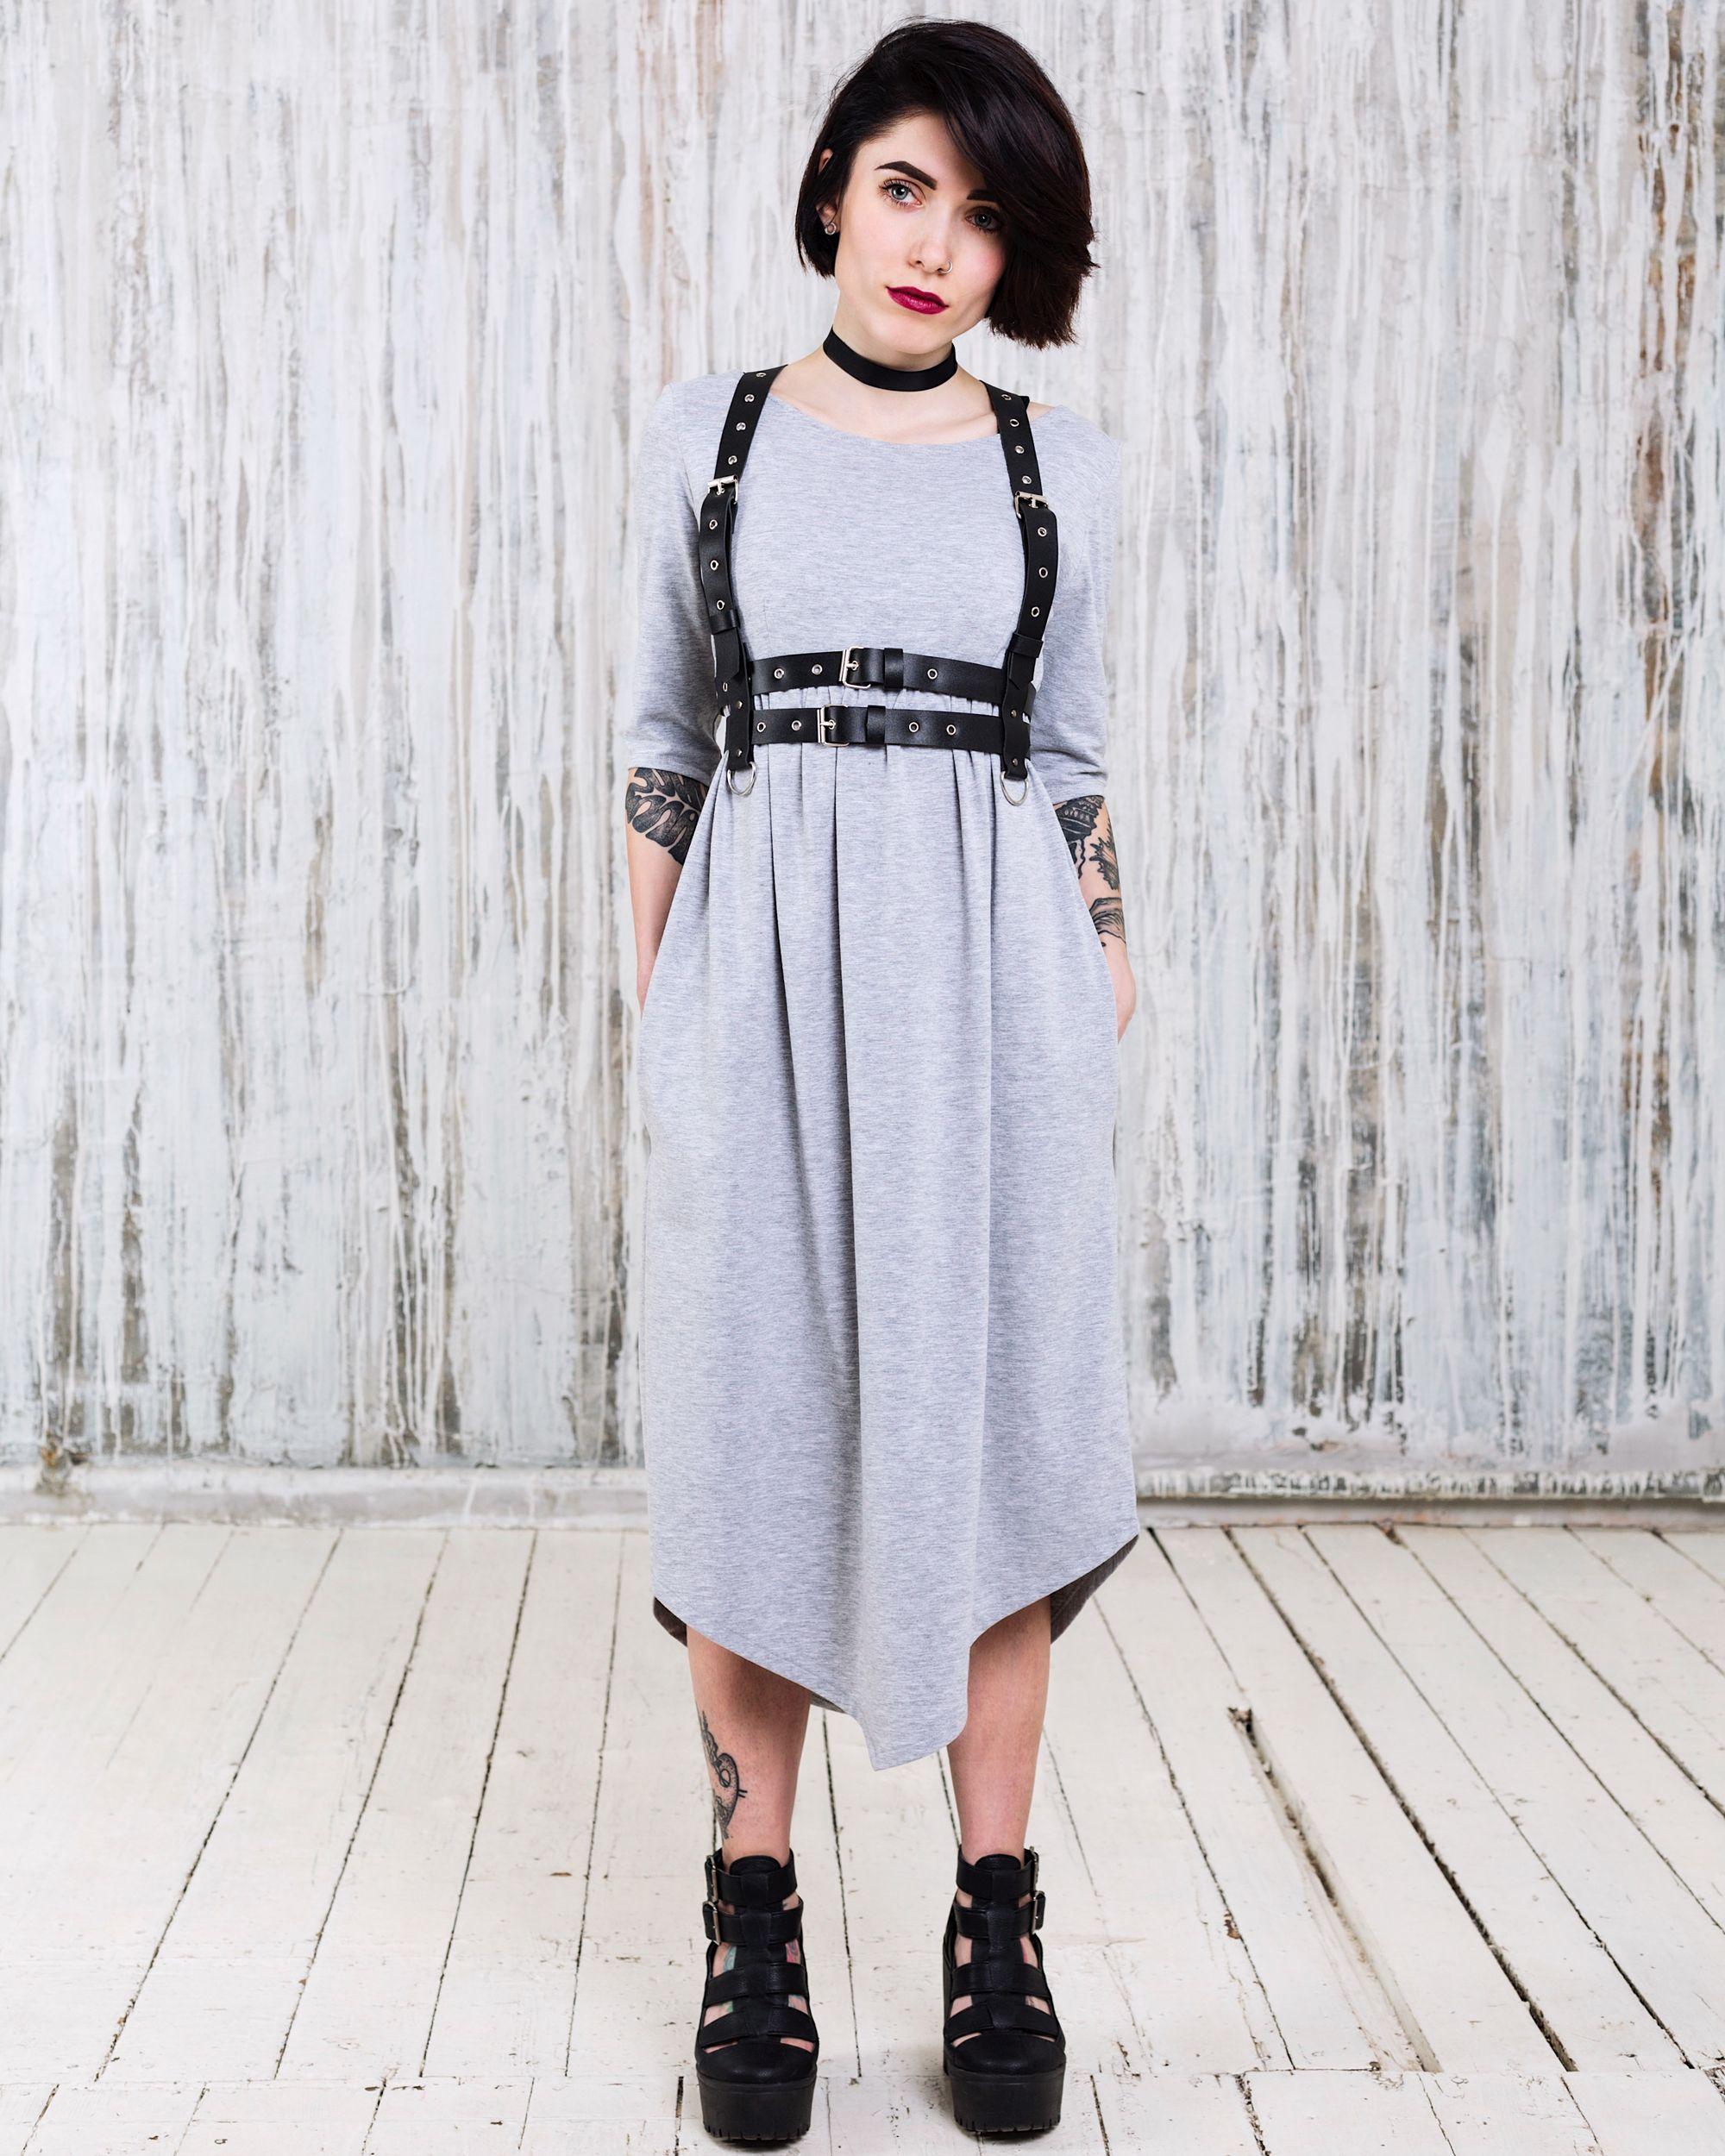 c391b53a70b CHERTOG.concept платье и портупея